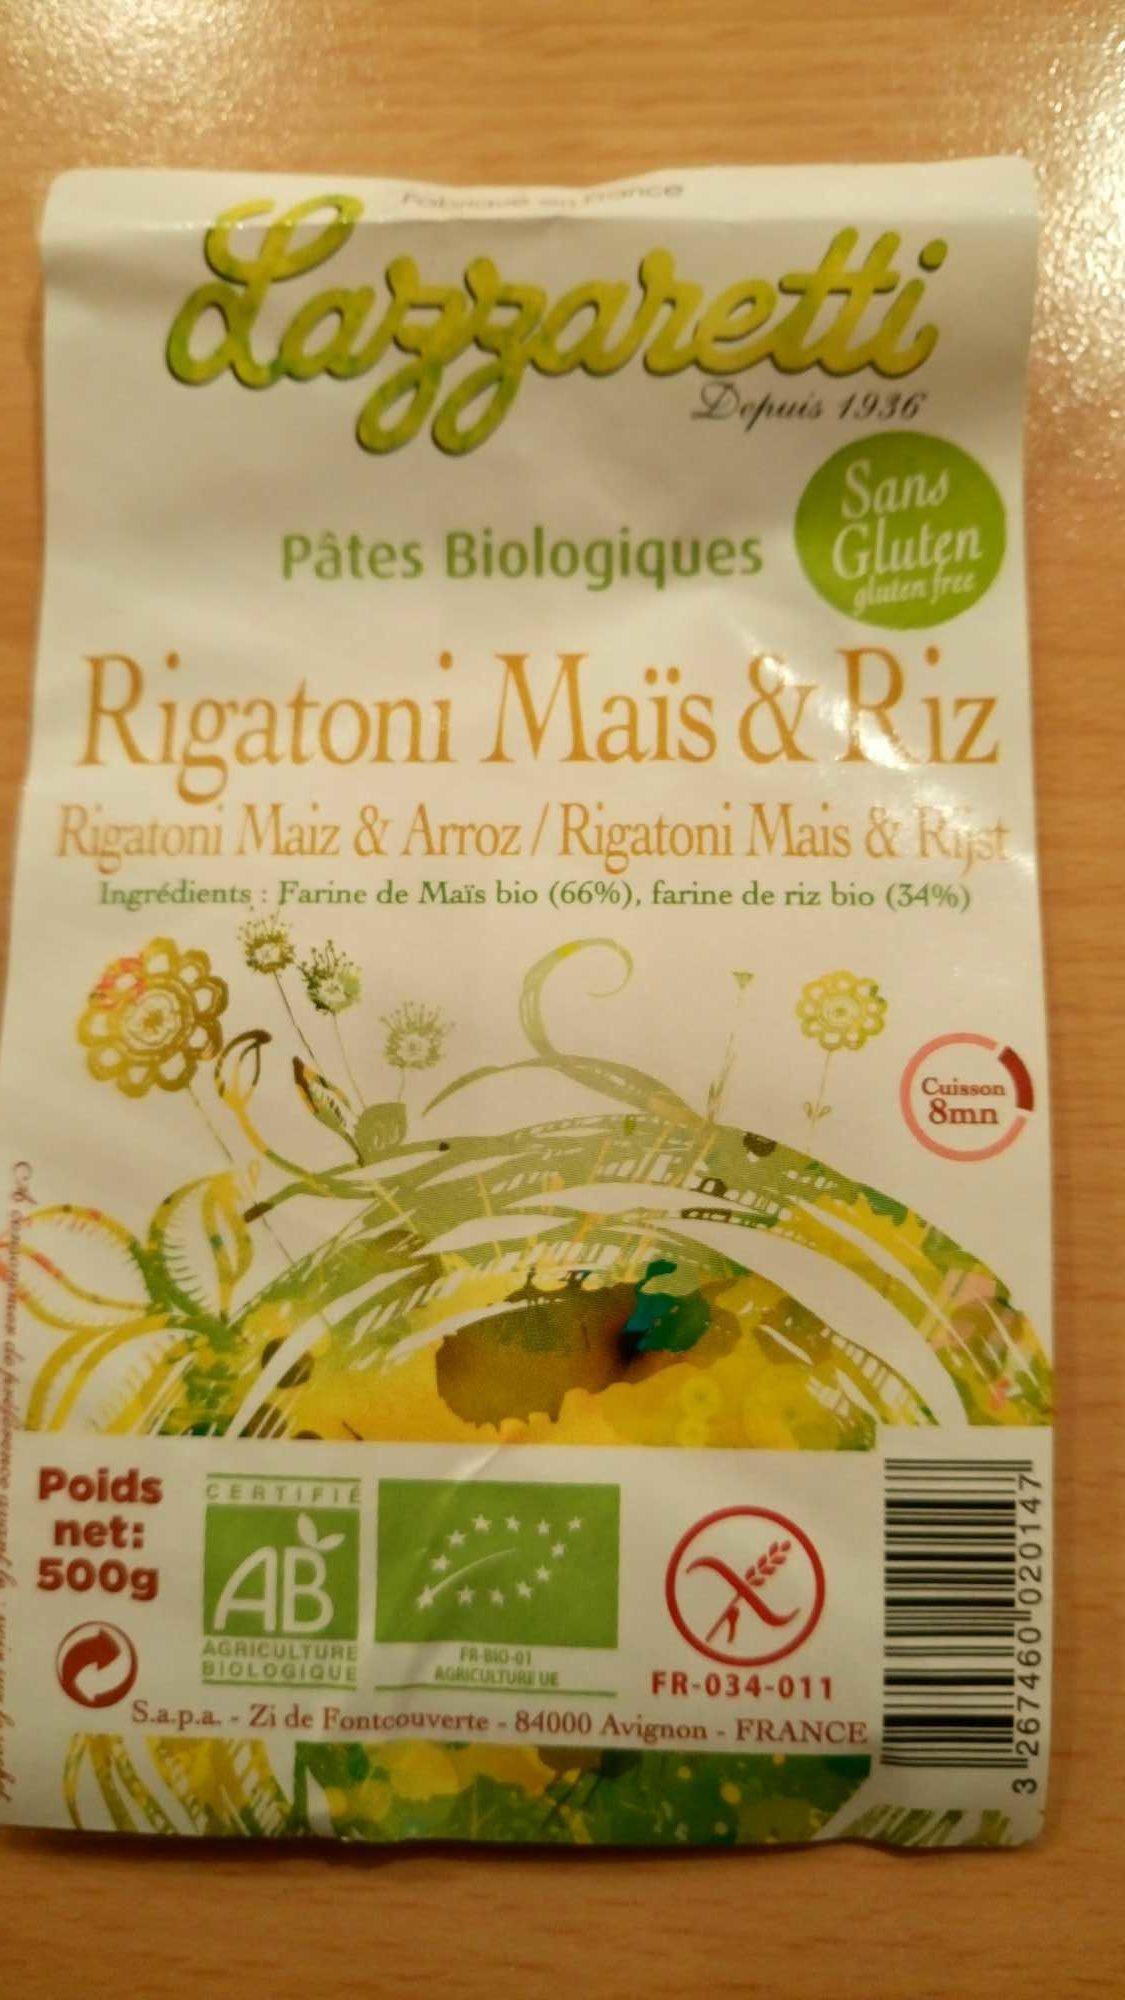 Rigatoni Maïs et Riz - Product - fr